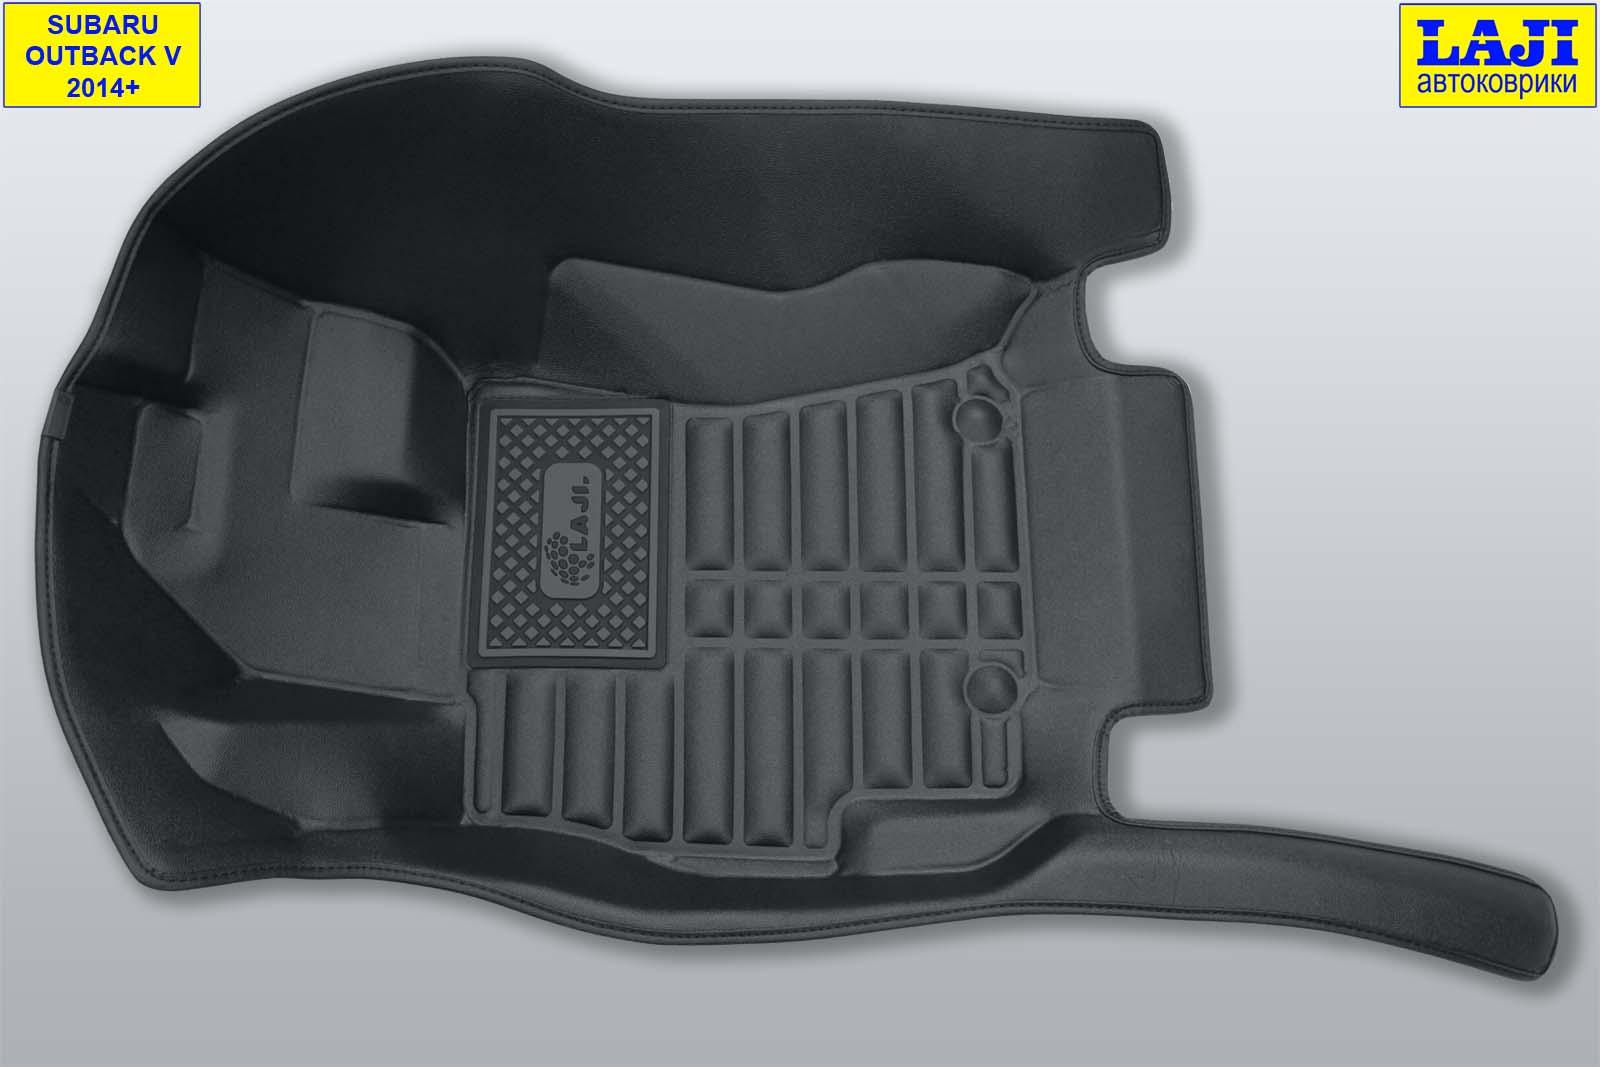 5D коврики в салон Subaru Outback V 2014-н.в. 3